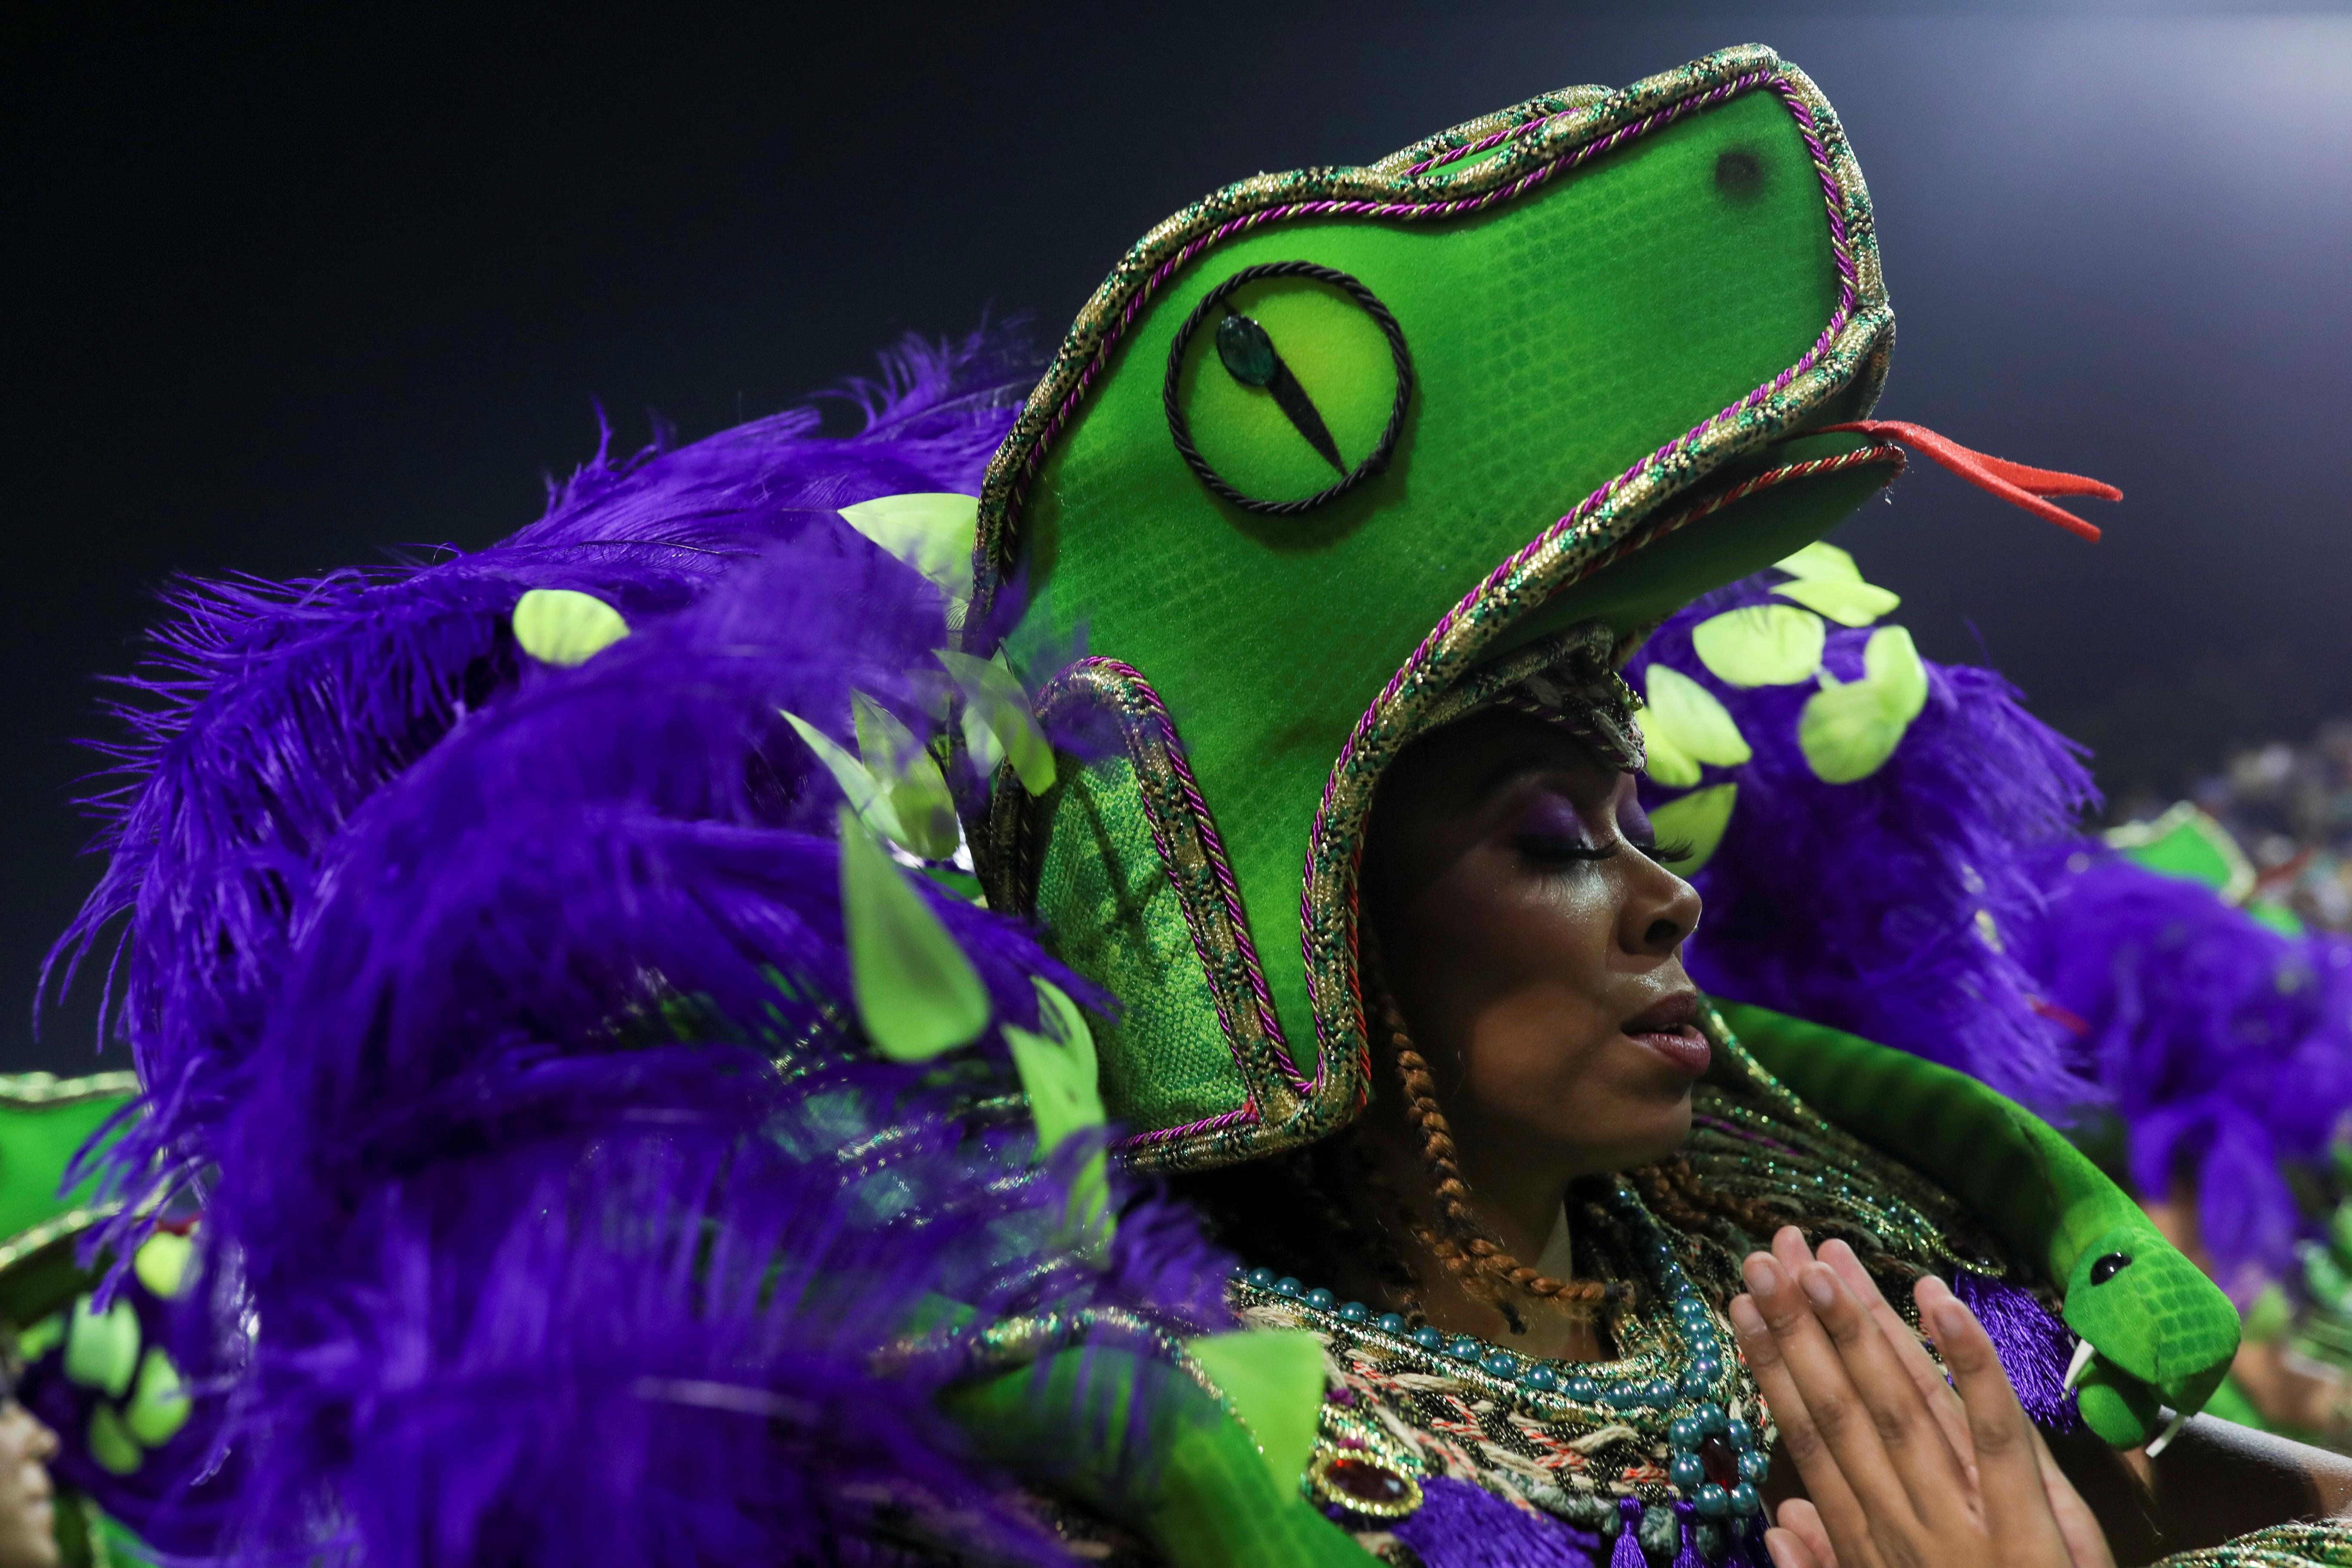 """Entre purpurina y cuerpos despampanantes, el viaje del sambódromo continuó la madrugada del sábado e hizo una parada en el Antiguo Egipto, cuyos escritos sirvieron de inspiración a la escuela """"Dragoes da Real"""" para presentar alegorías al humor y la alegría (REUTERS/Amanda Perobelli)"""